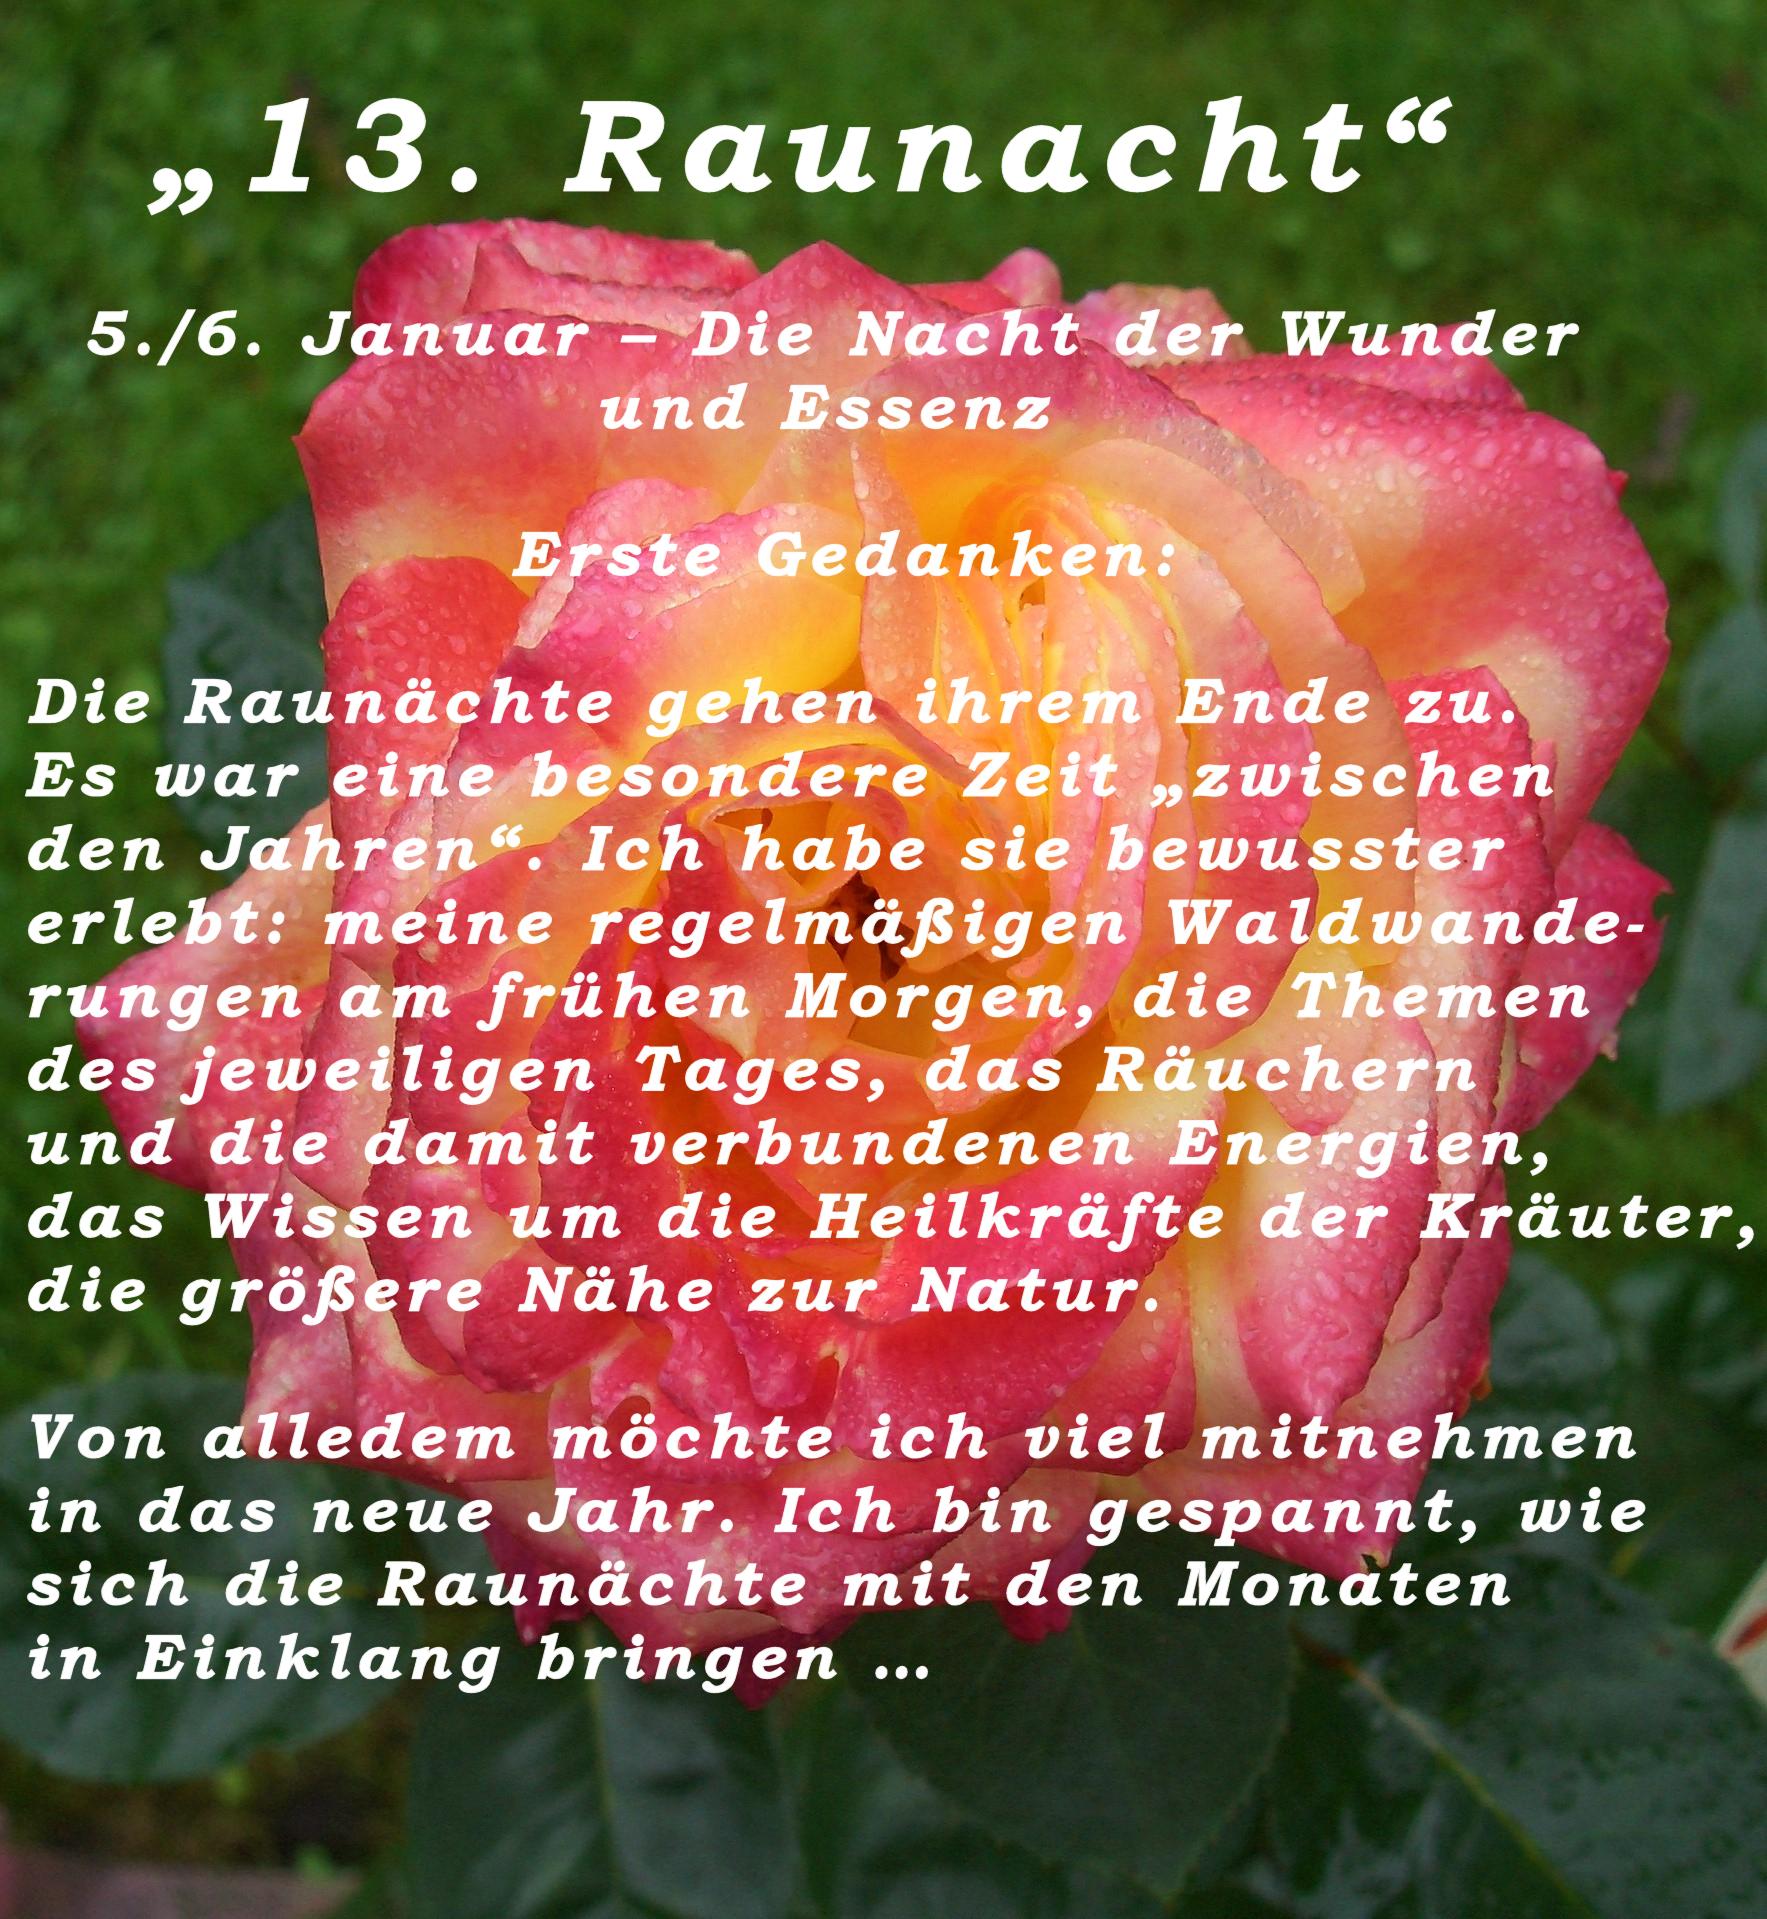 13teRaunacht1